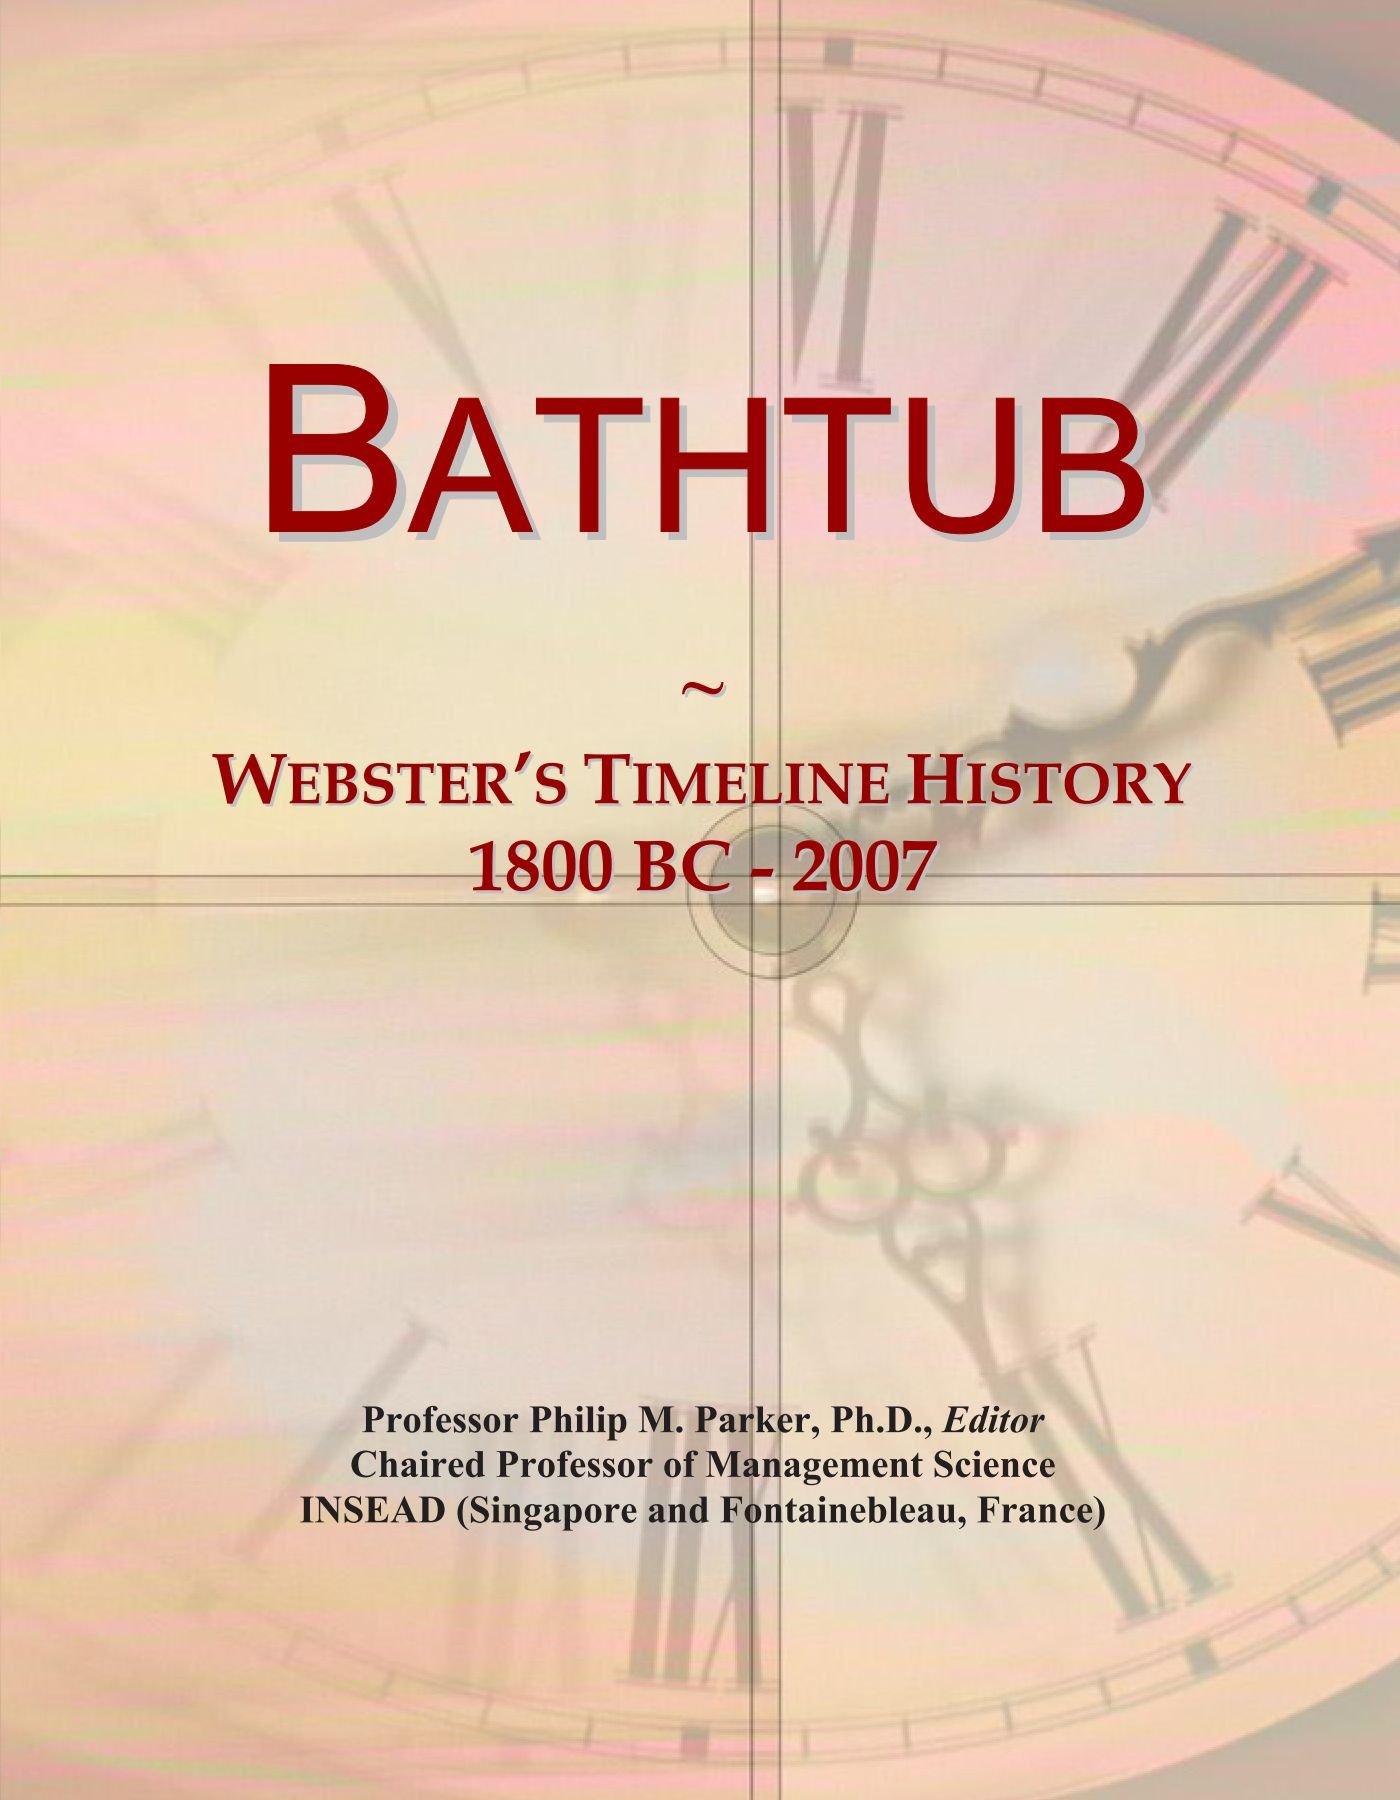 Bathtub: Webster's Timeline History, 1800 BC - 2007 pdf